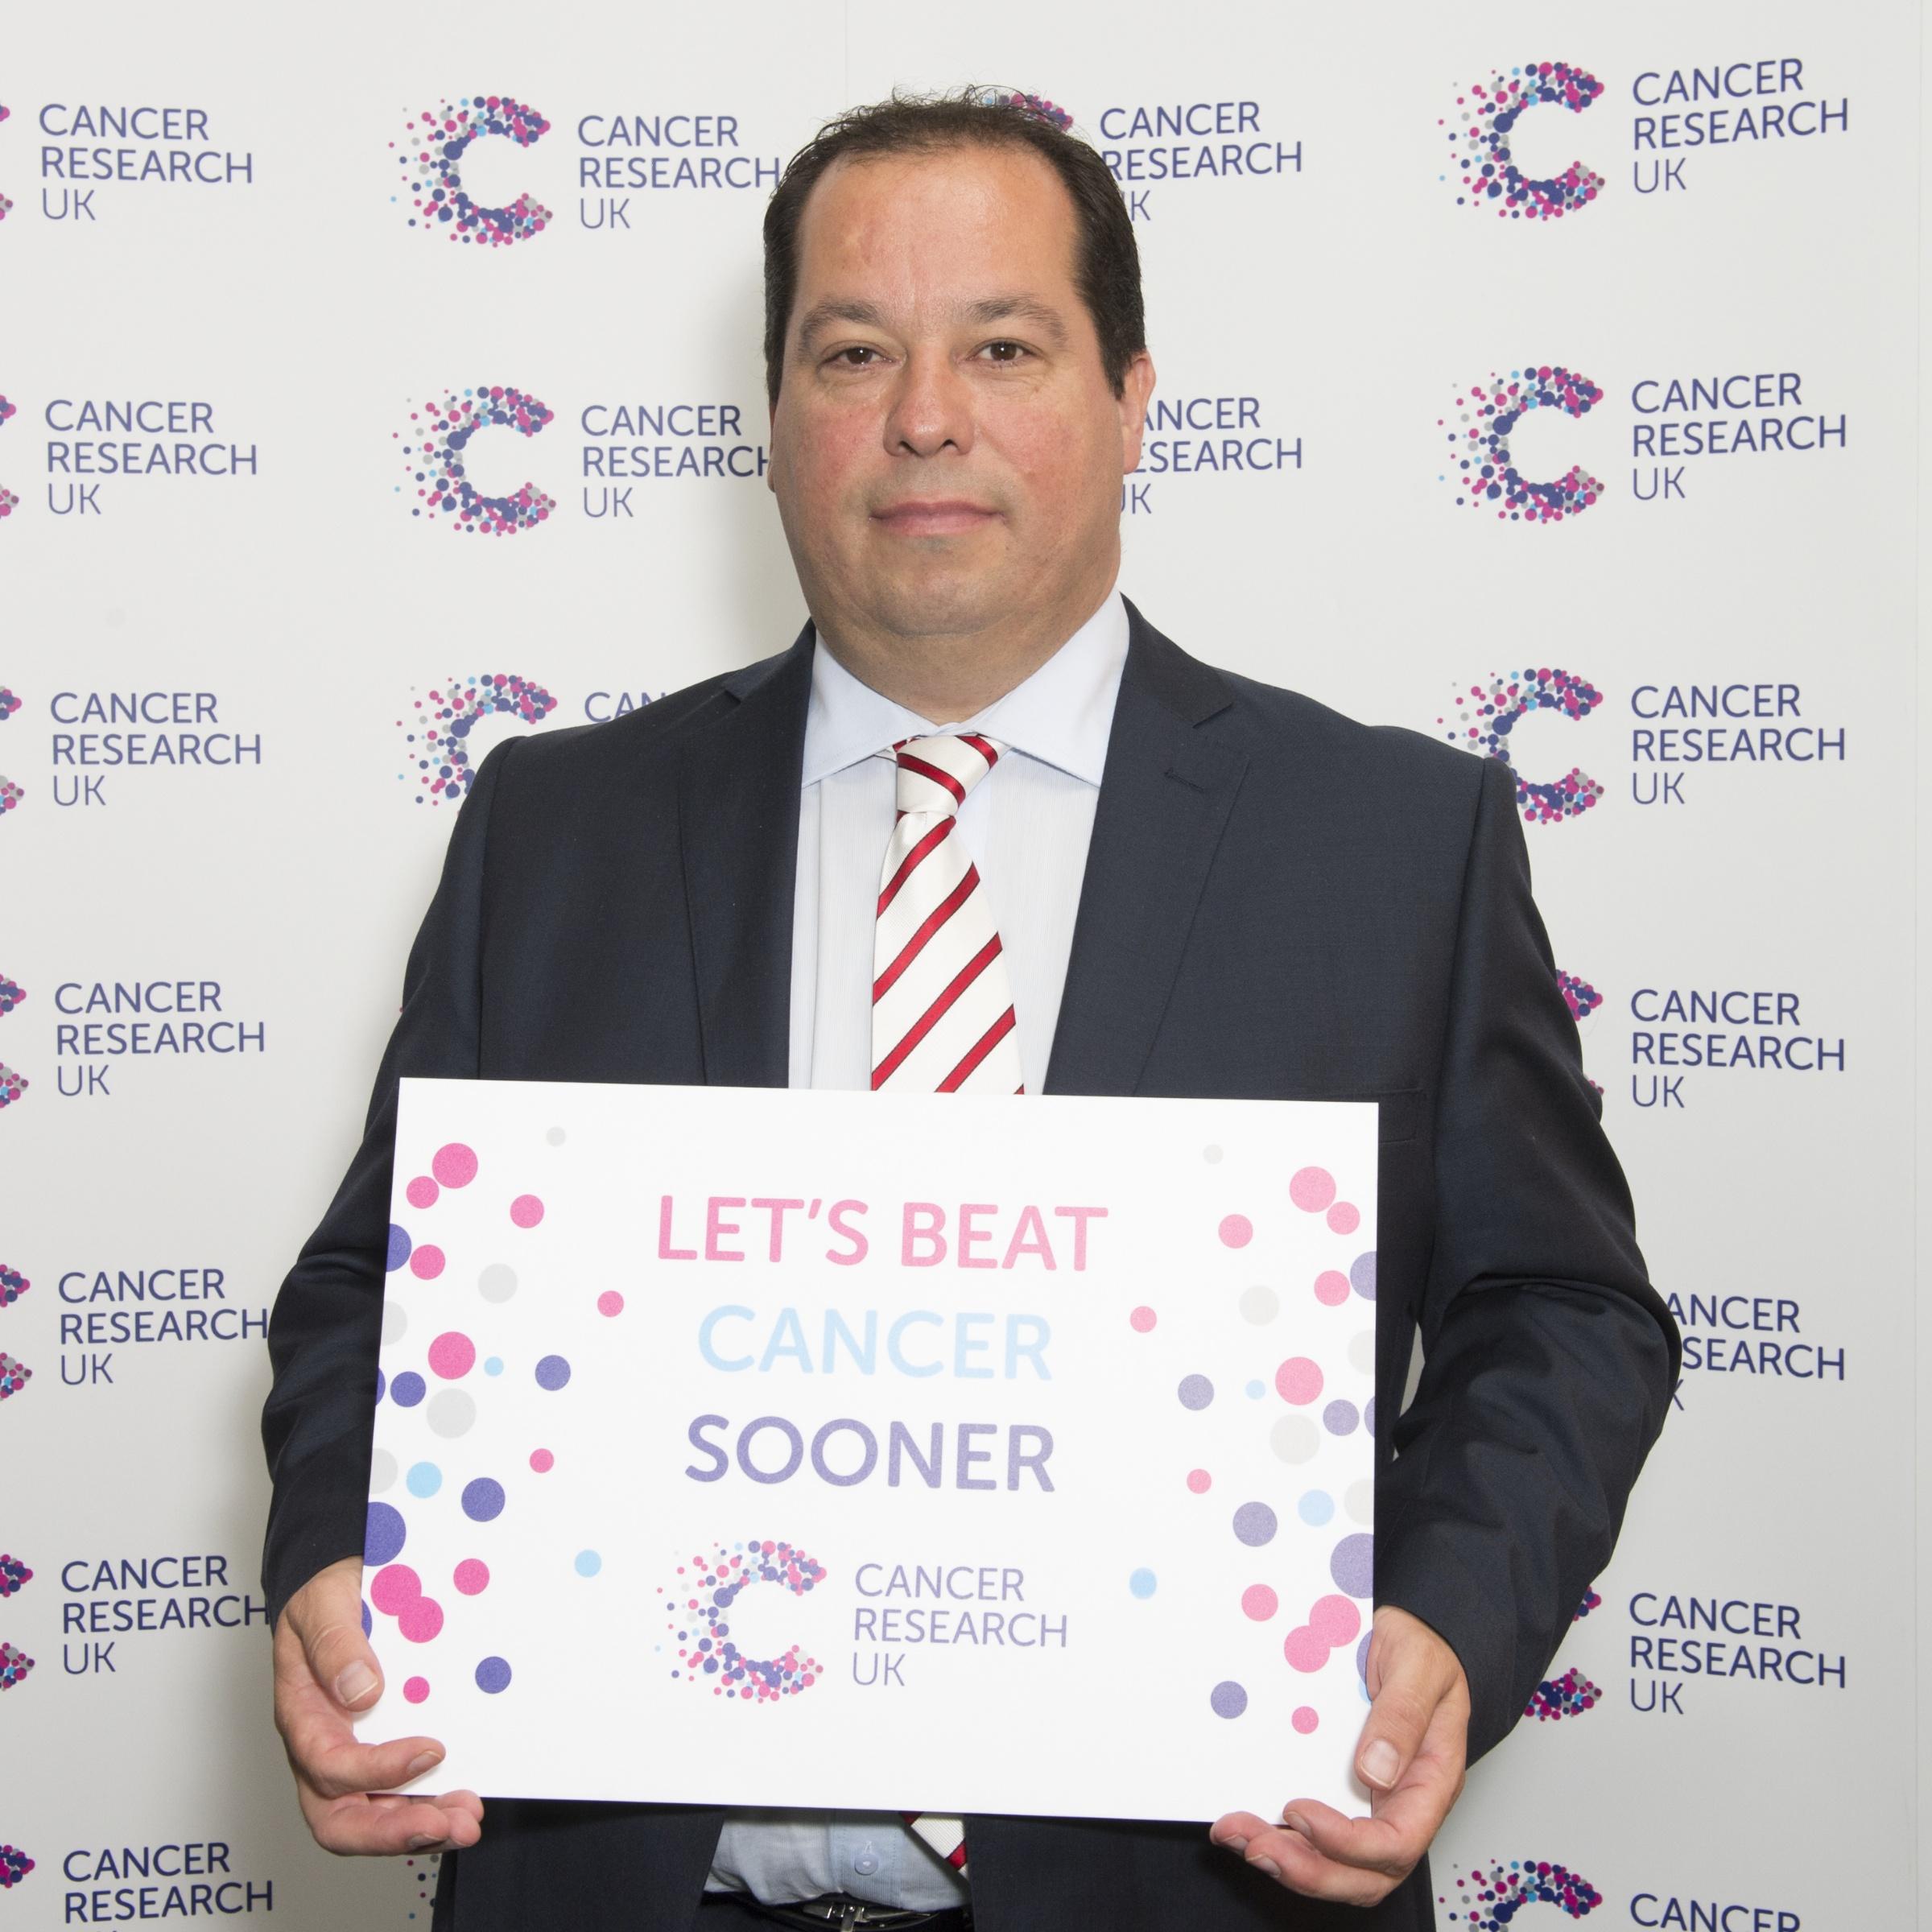 Beat_Cancer_sooner.jpg